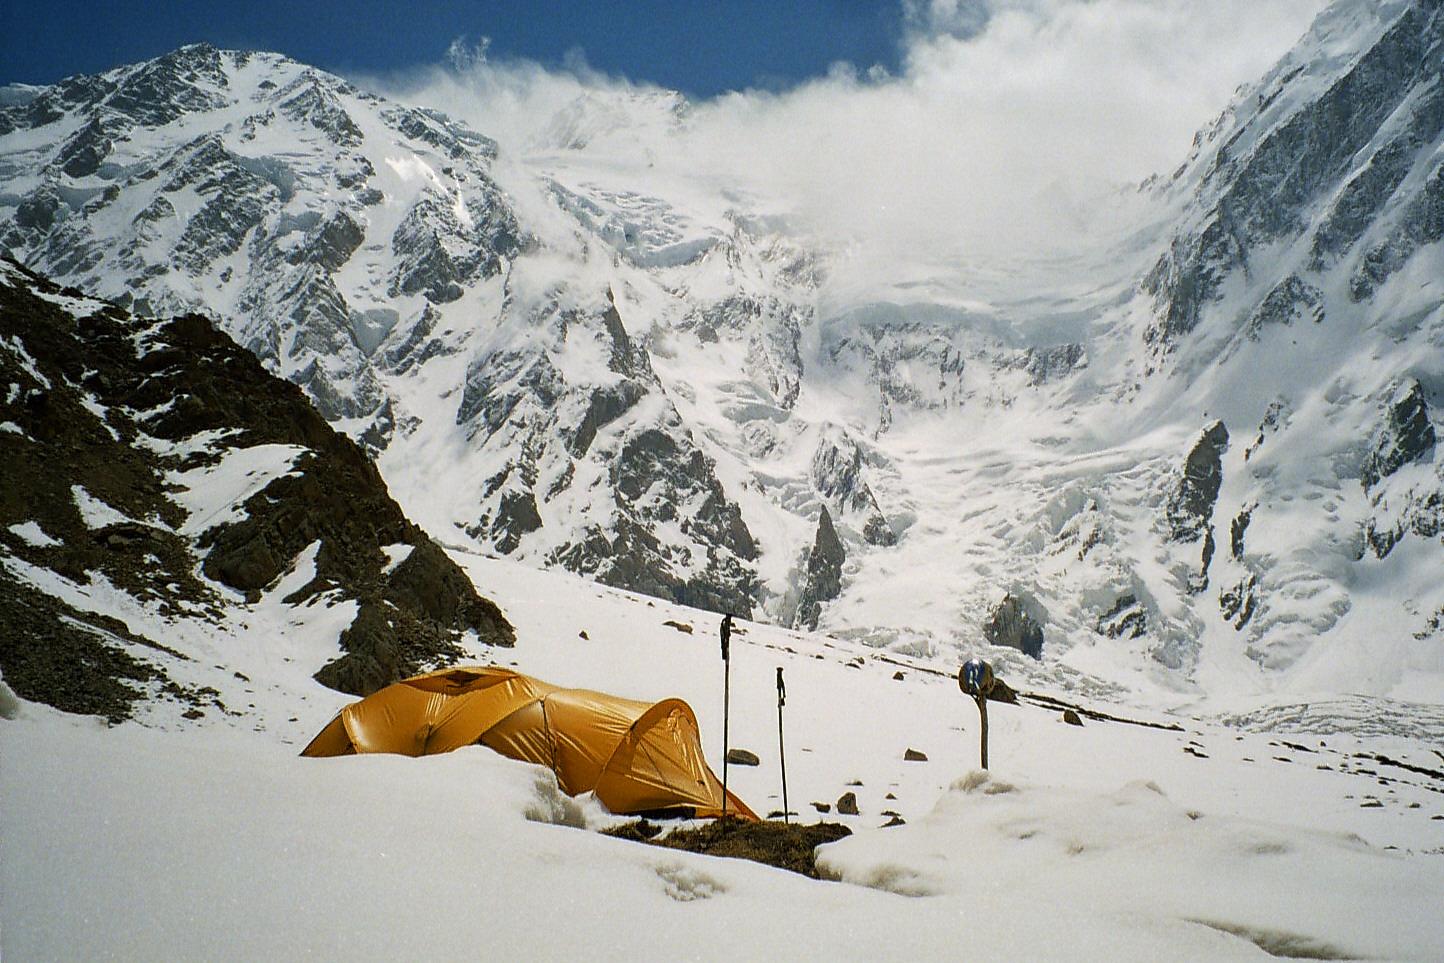 Mise à jour des alpinistes français ayant fait le sommet du Nanga Parbat en 2018